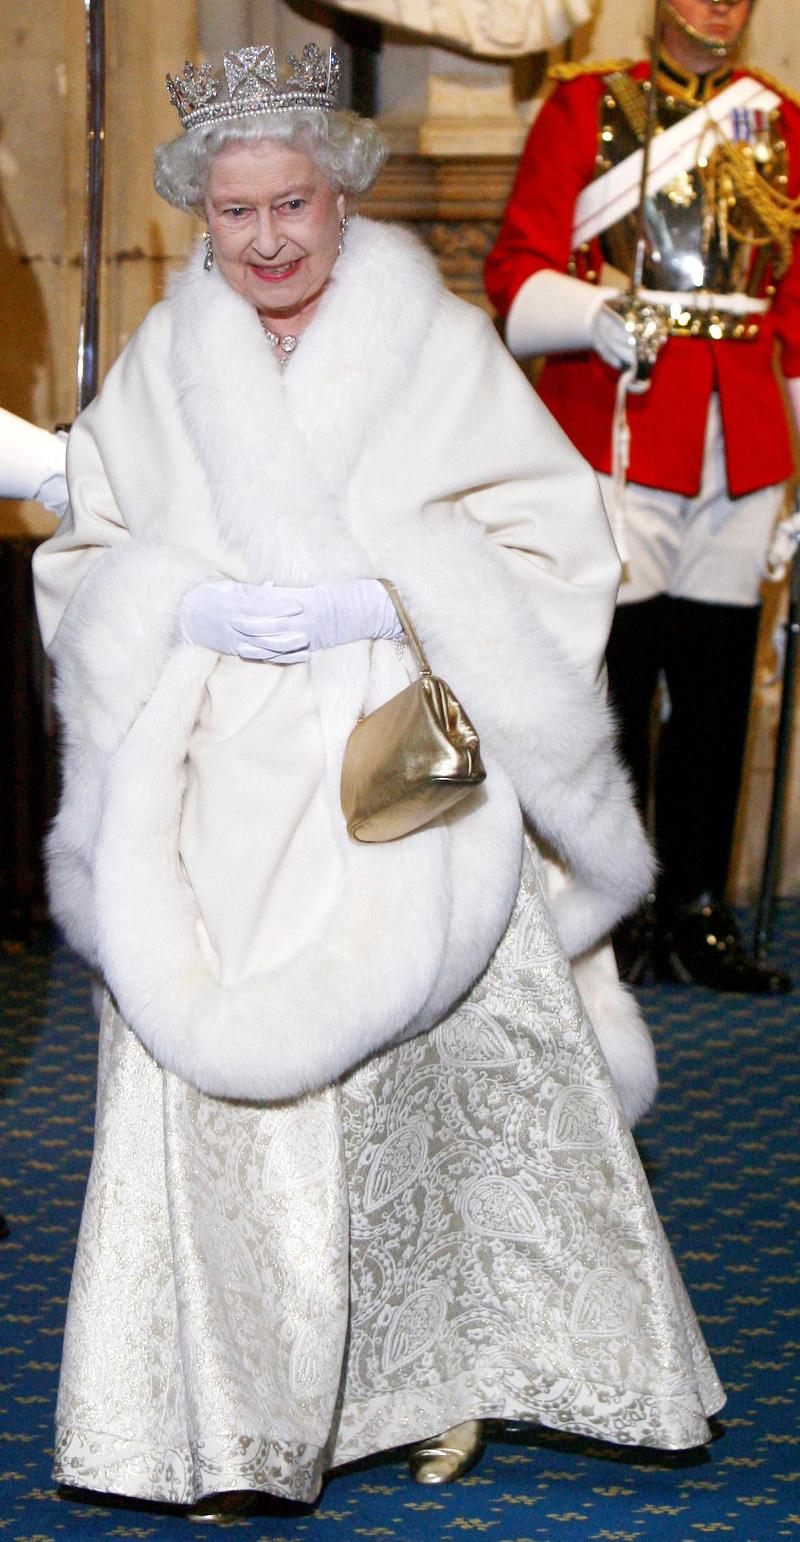 Η βασίλισσα Ελισάβετ με την γούνα ερμίνας στο άνοιγμα του βρετανικού κοινοβουλίου